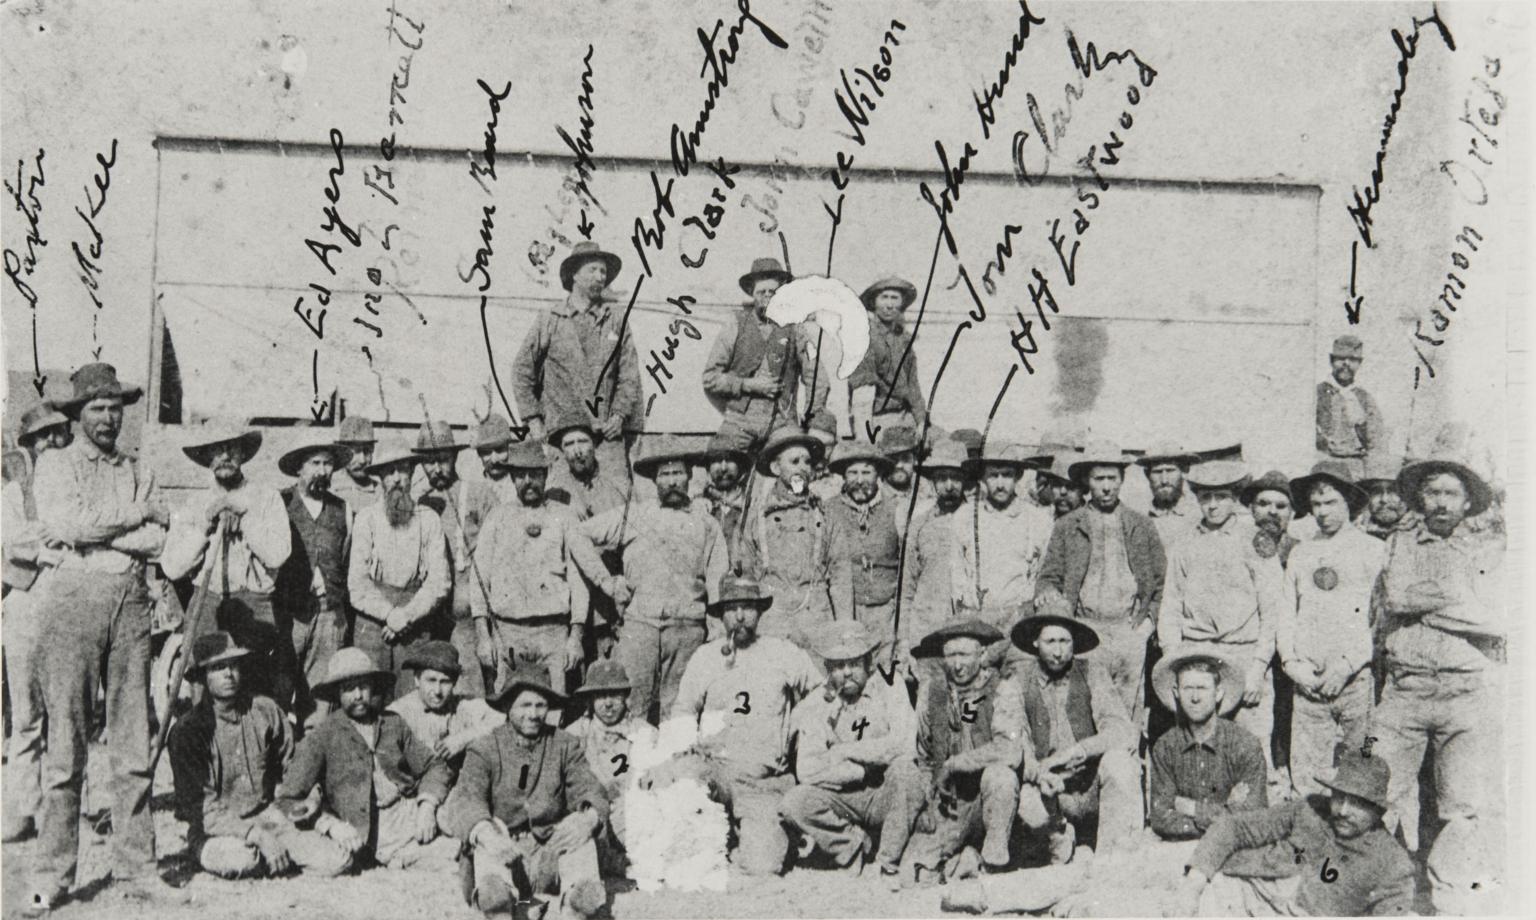 Ramon Ortega with threshing crew.